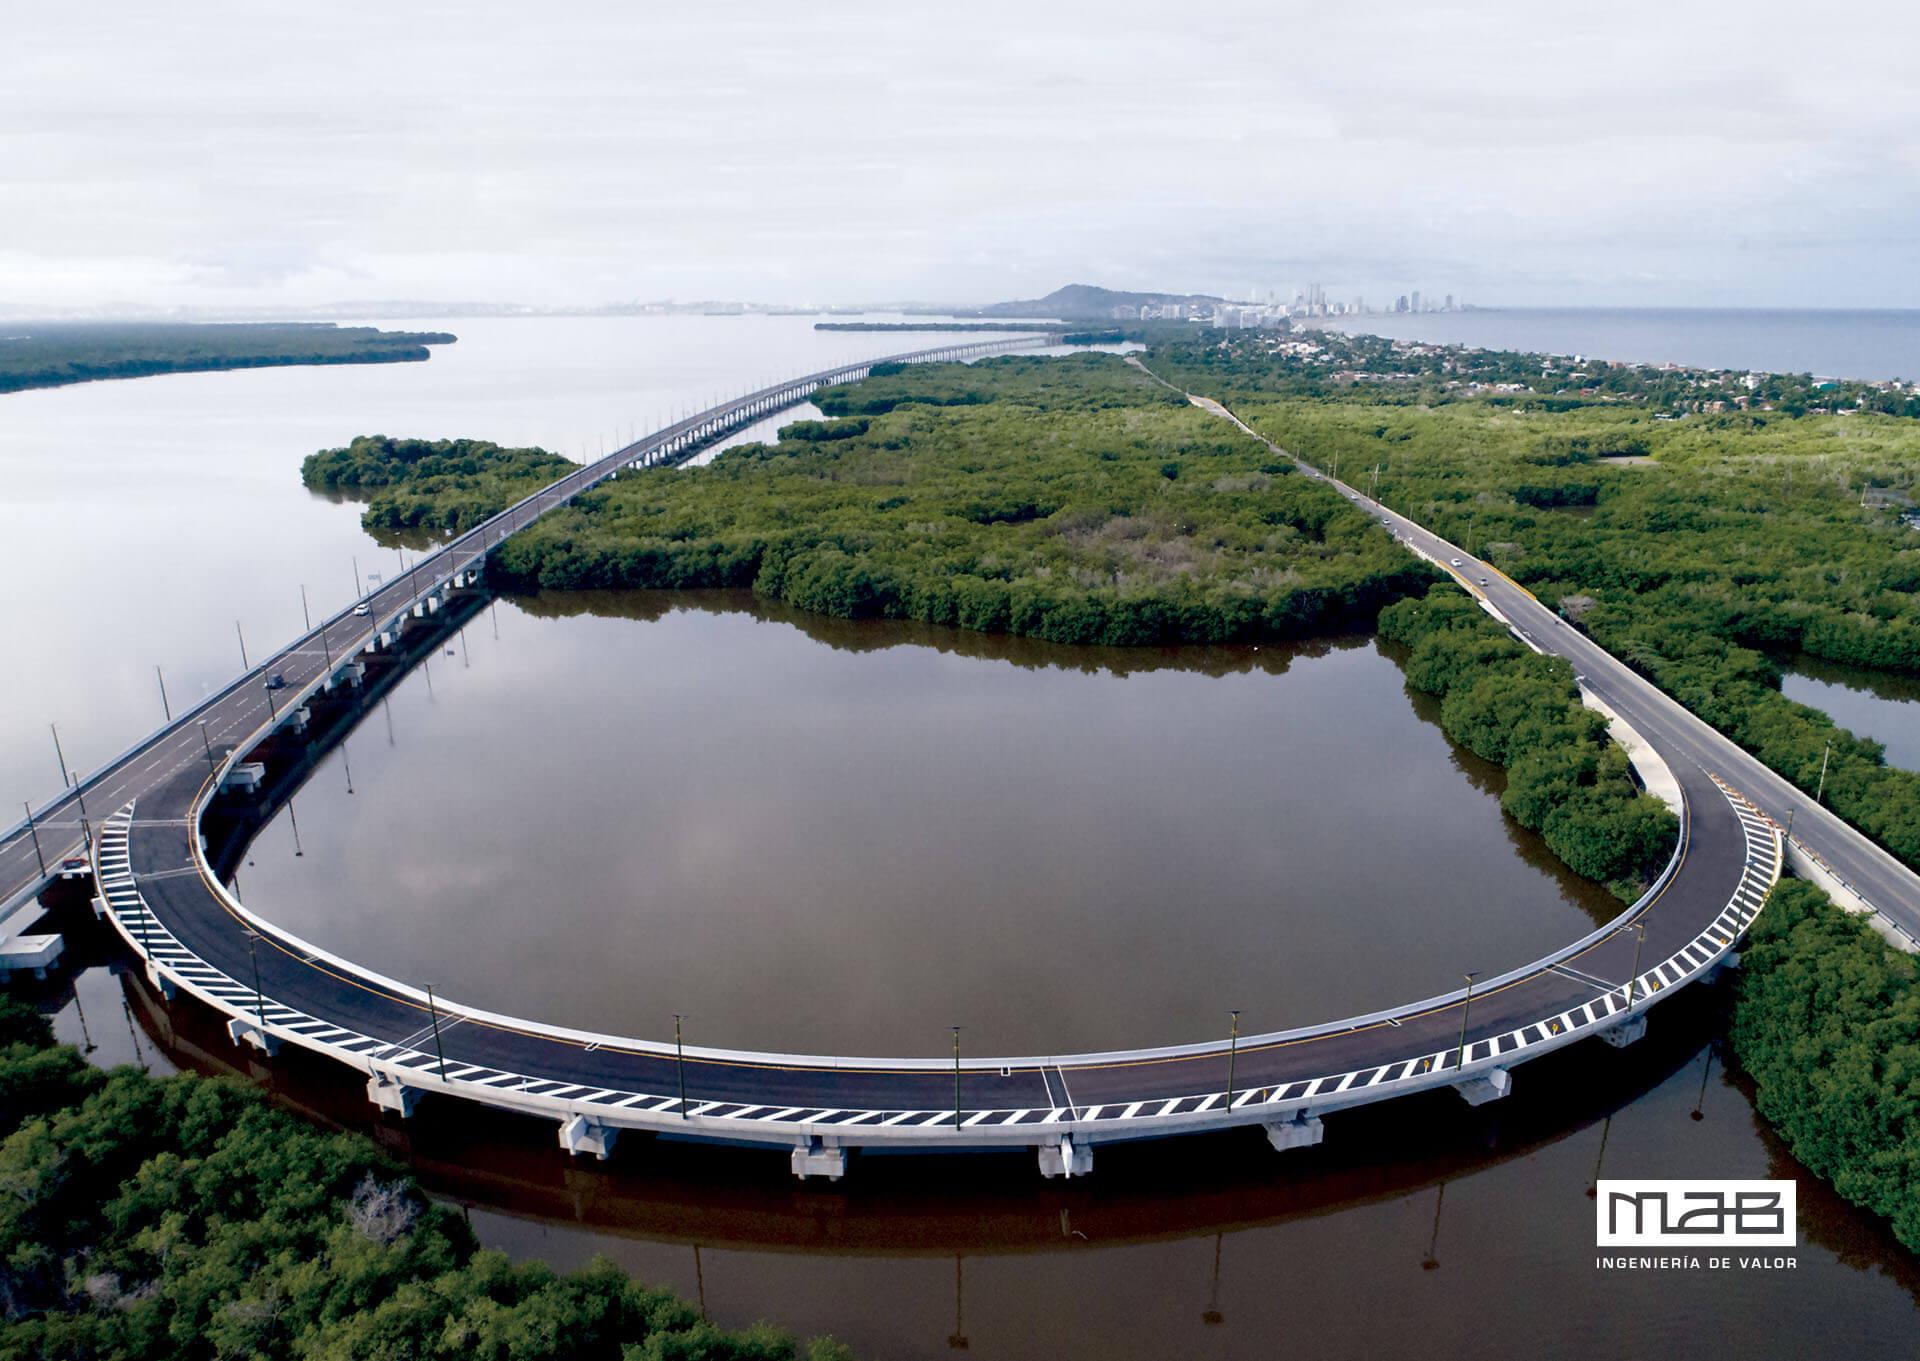 Viaducto de la Paz recibe Premio Nacional de Ingeniería y Premio Nacional de Medio Ambiente 2019